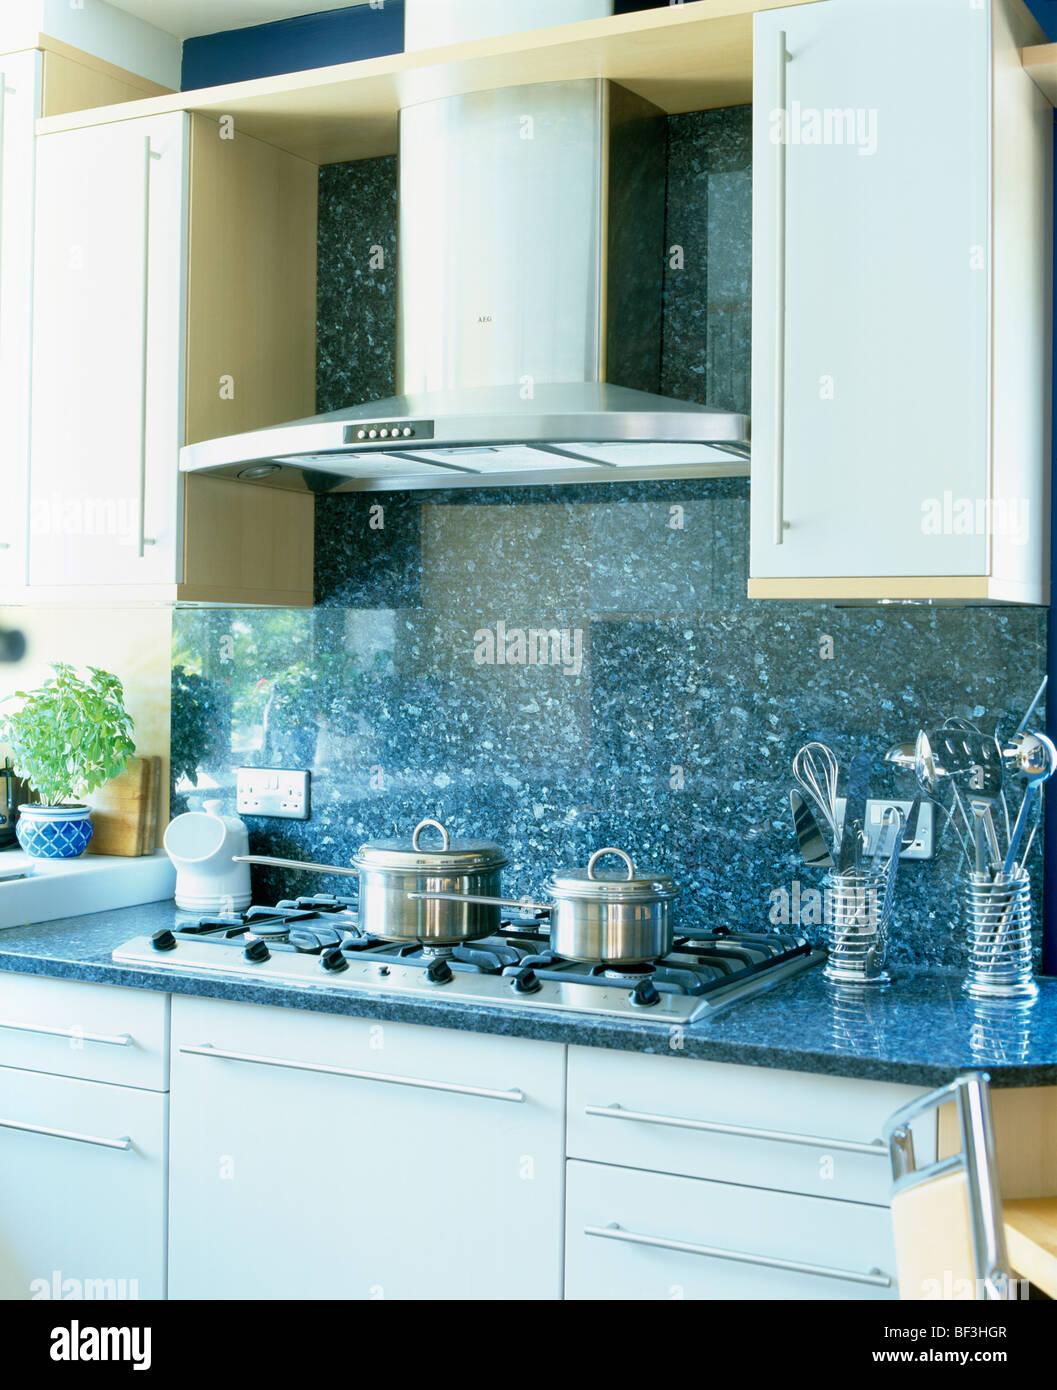 Interior Kitchen Detail Town Stock Photos & Interior Kitchen Detail ...